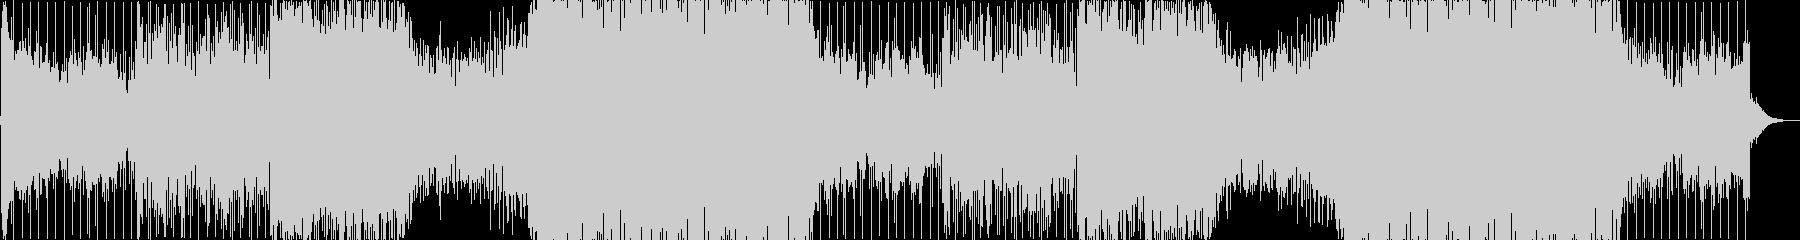 希望/ポジティブ/光輝くイメージのEDMの未再生の波形